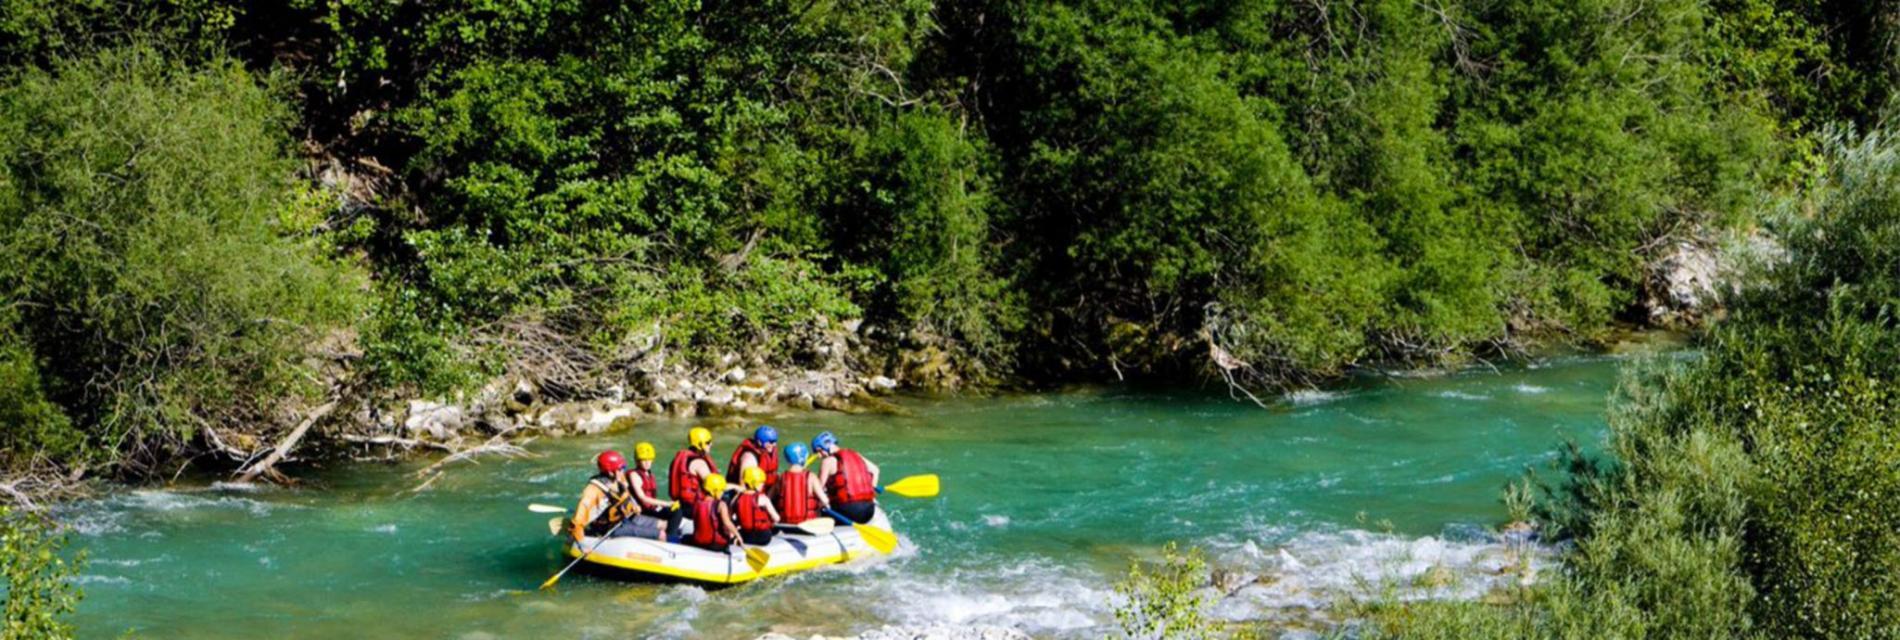 Slide rafting